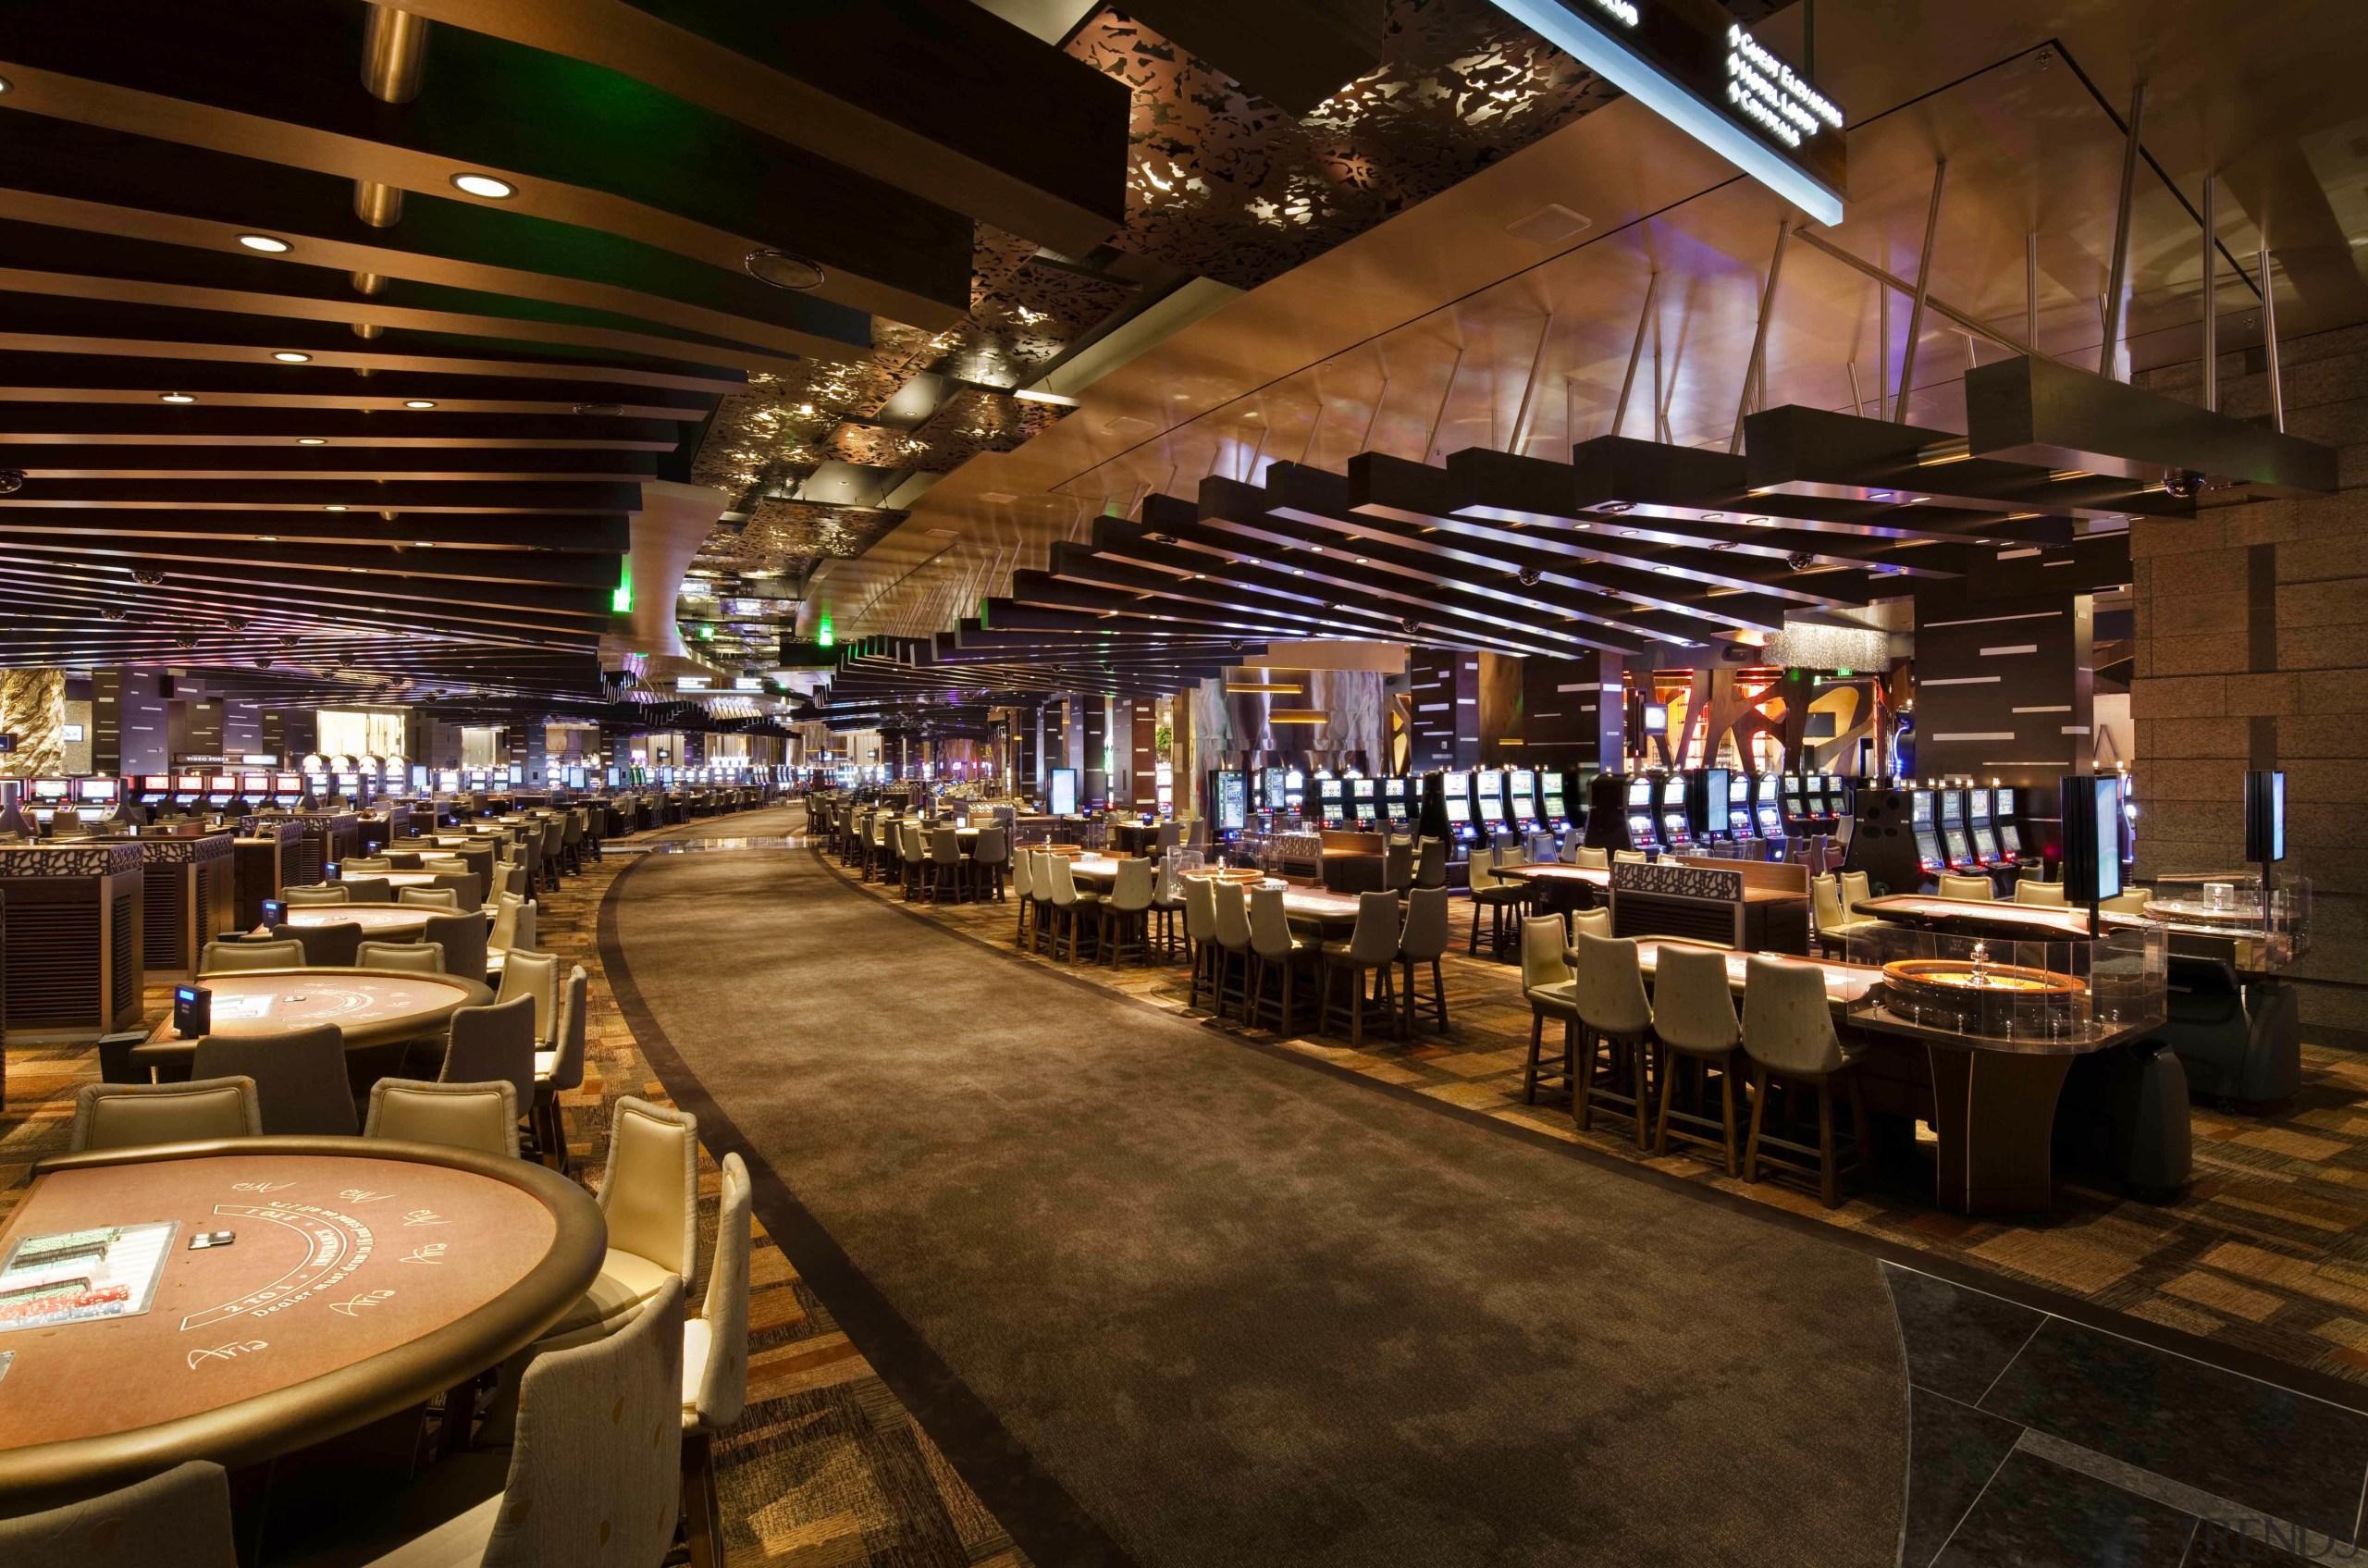 CityCenter, Las Vegas - CityCenter, Las Vegas - casino, restaurant, brown, red